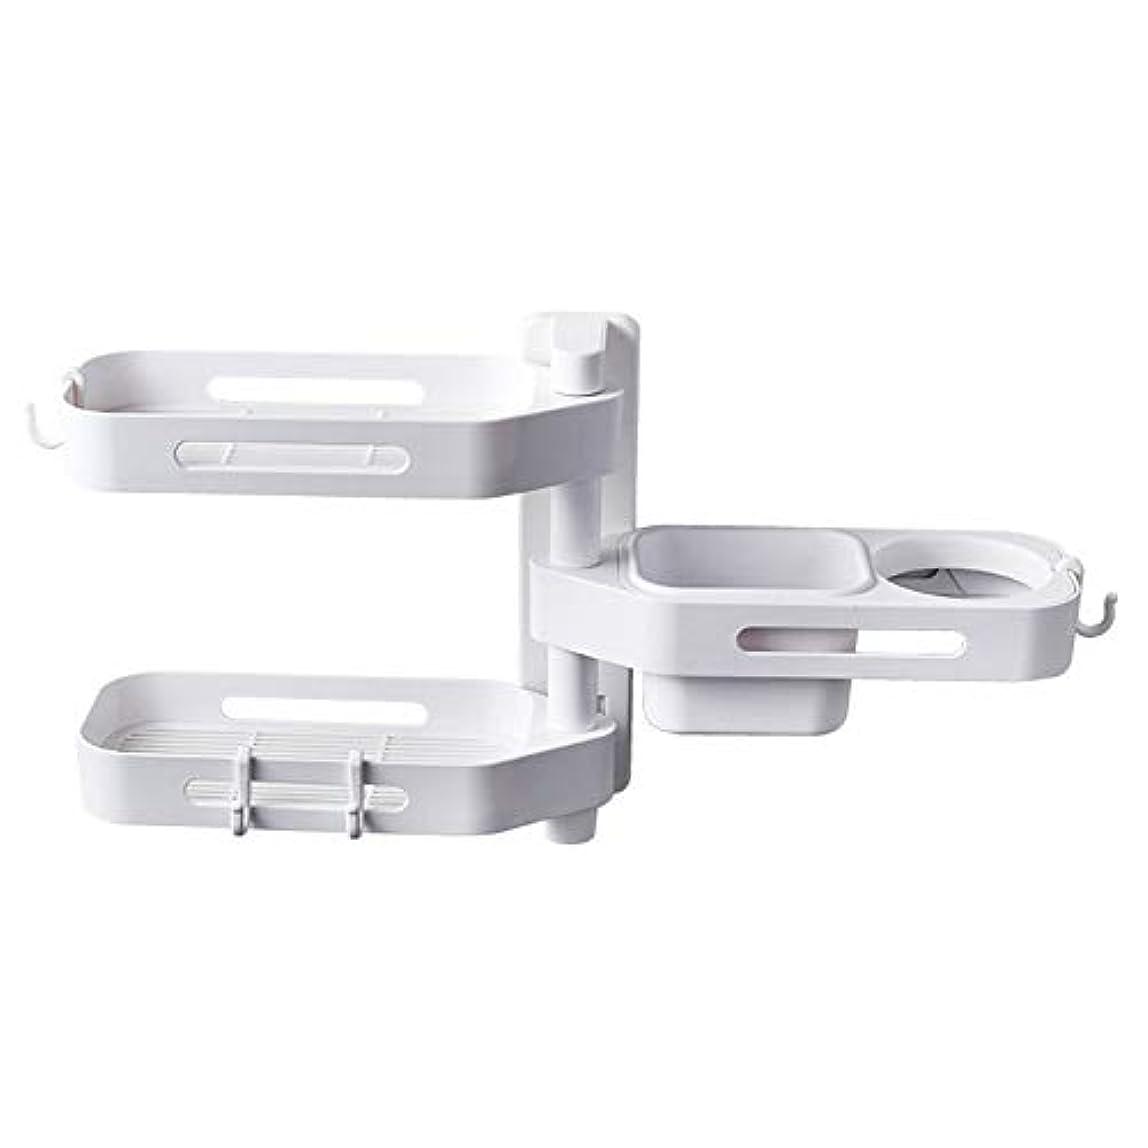 バルブエンティティ音楽を聴くCoolTack 3層ソープトレイプラスチック取り外し可能な収納オーガナイザーを回転させるソープディッシュ接着剤ホルダー